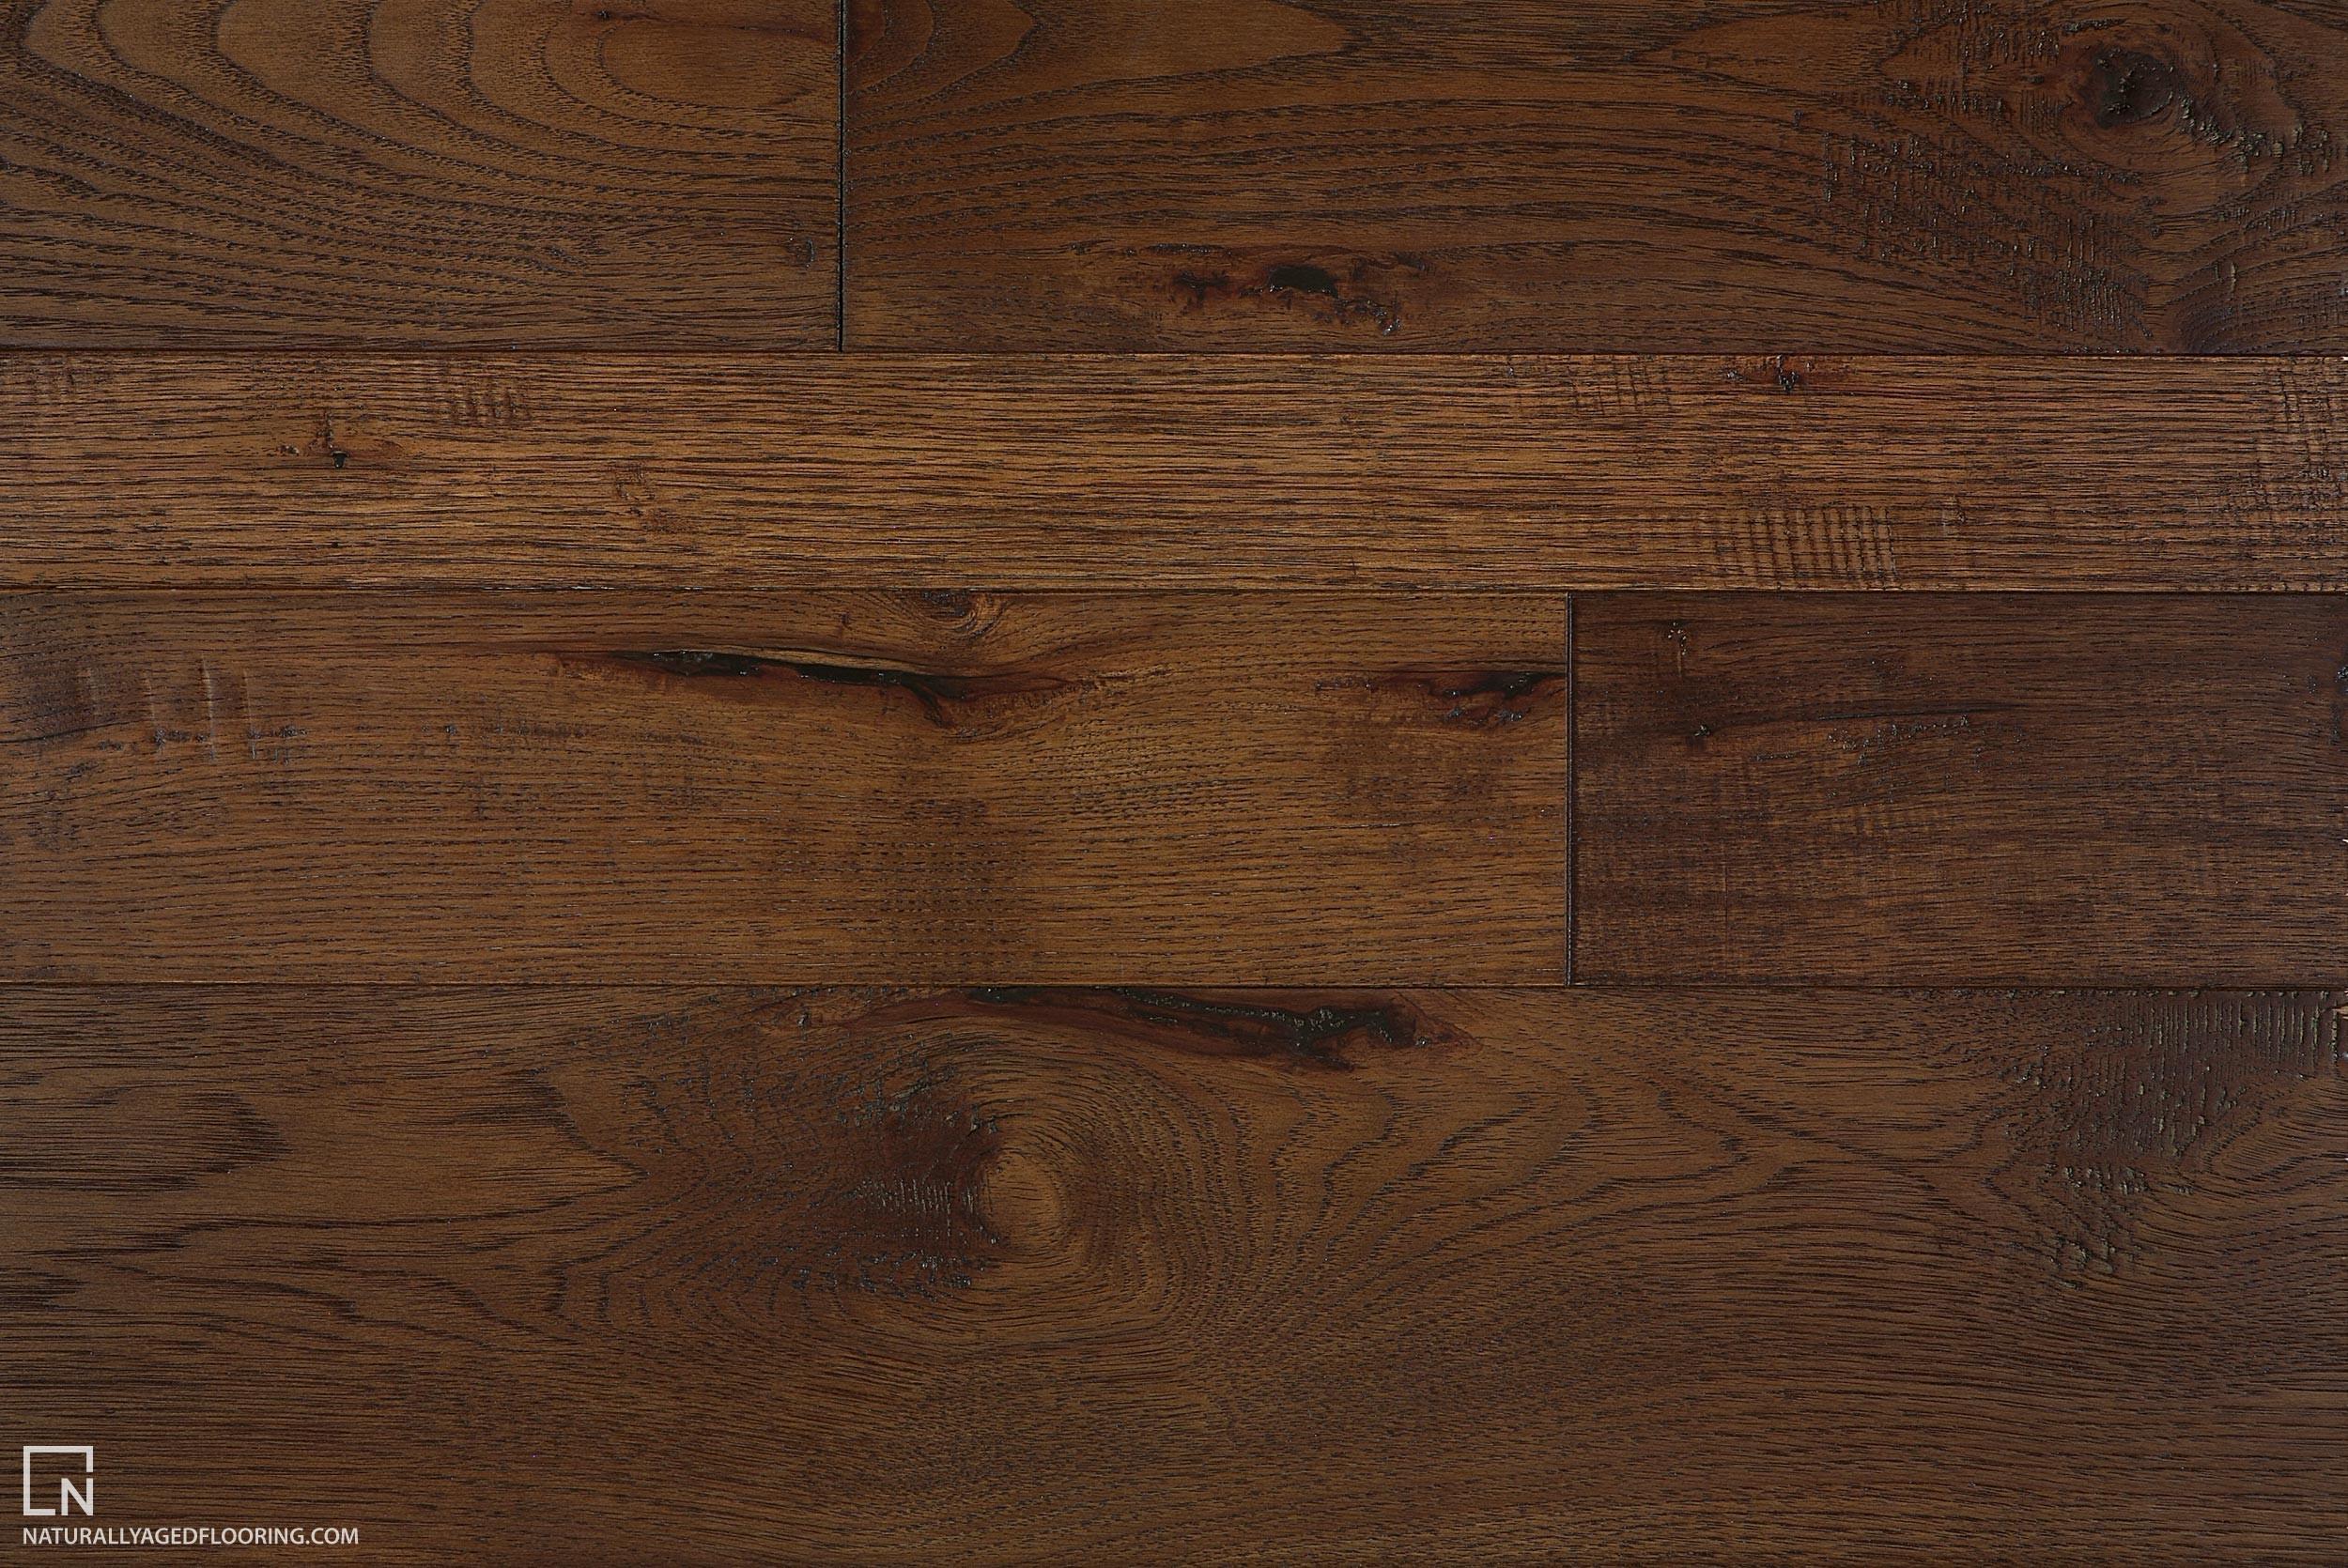 Marsala Naturally Aged Flooring